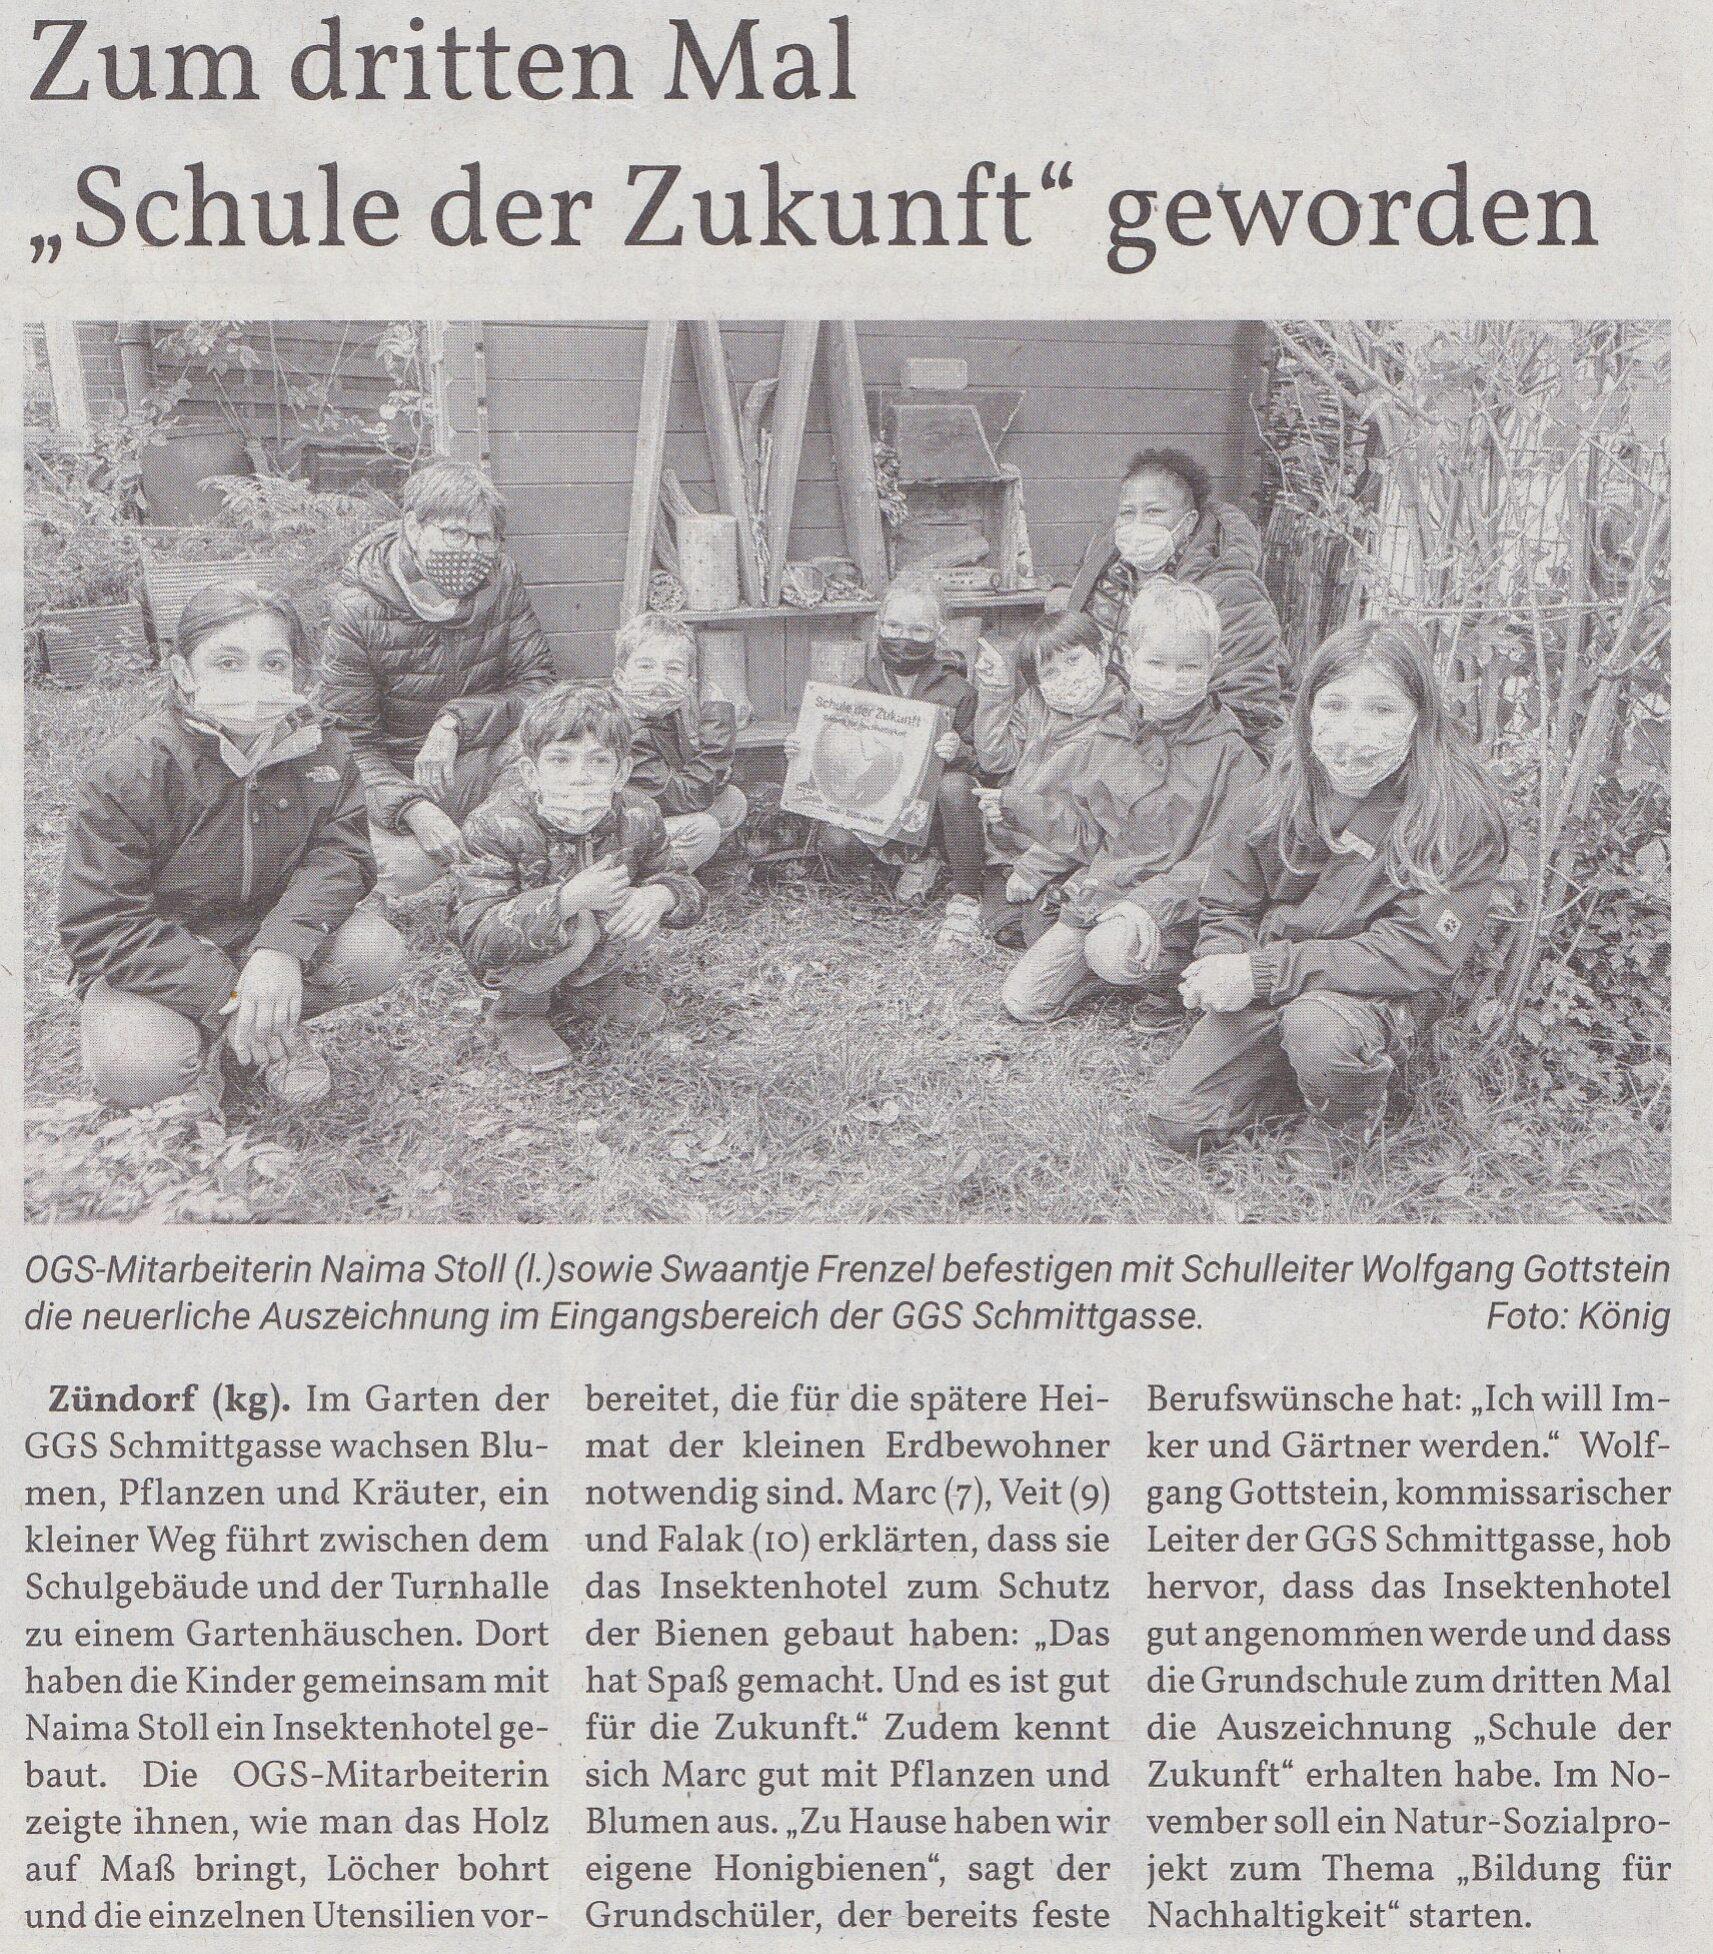 Koelner_Wochenspiegel_20201029